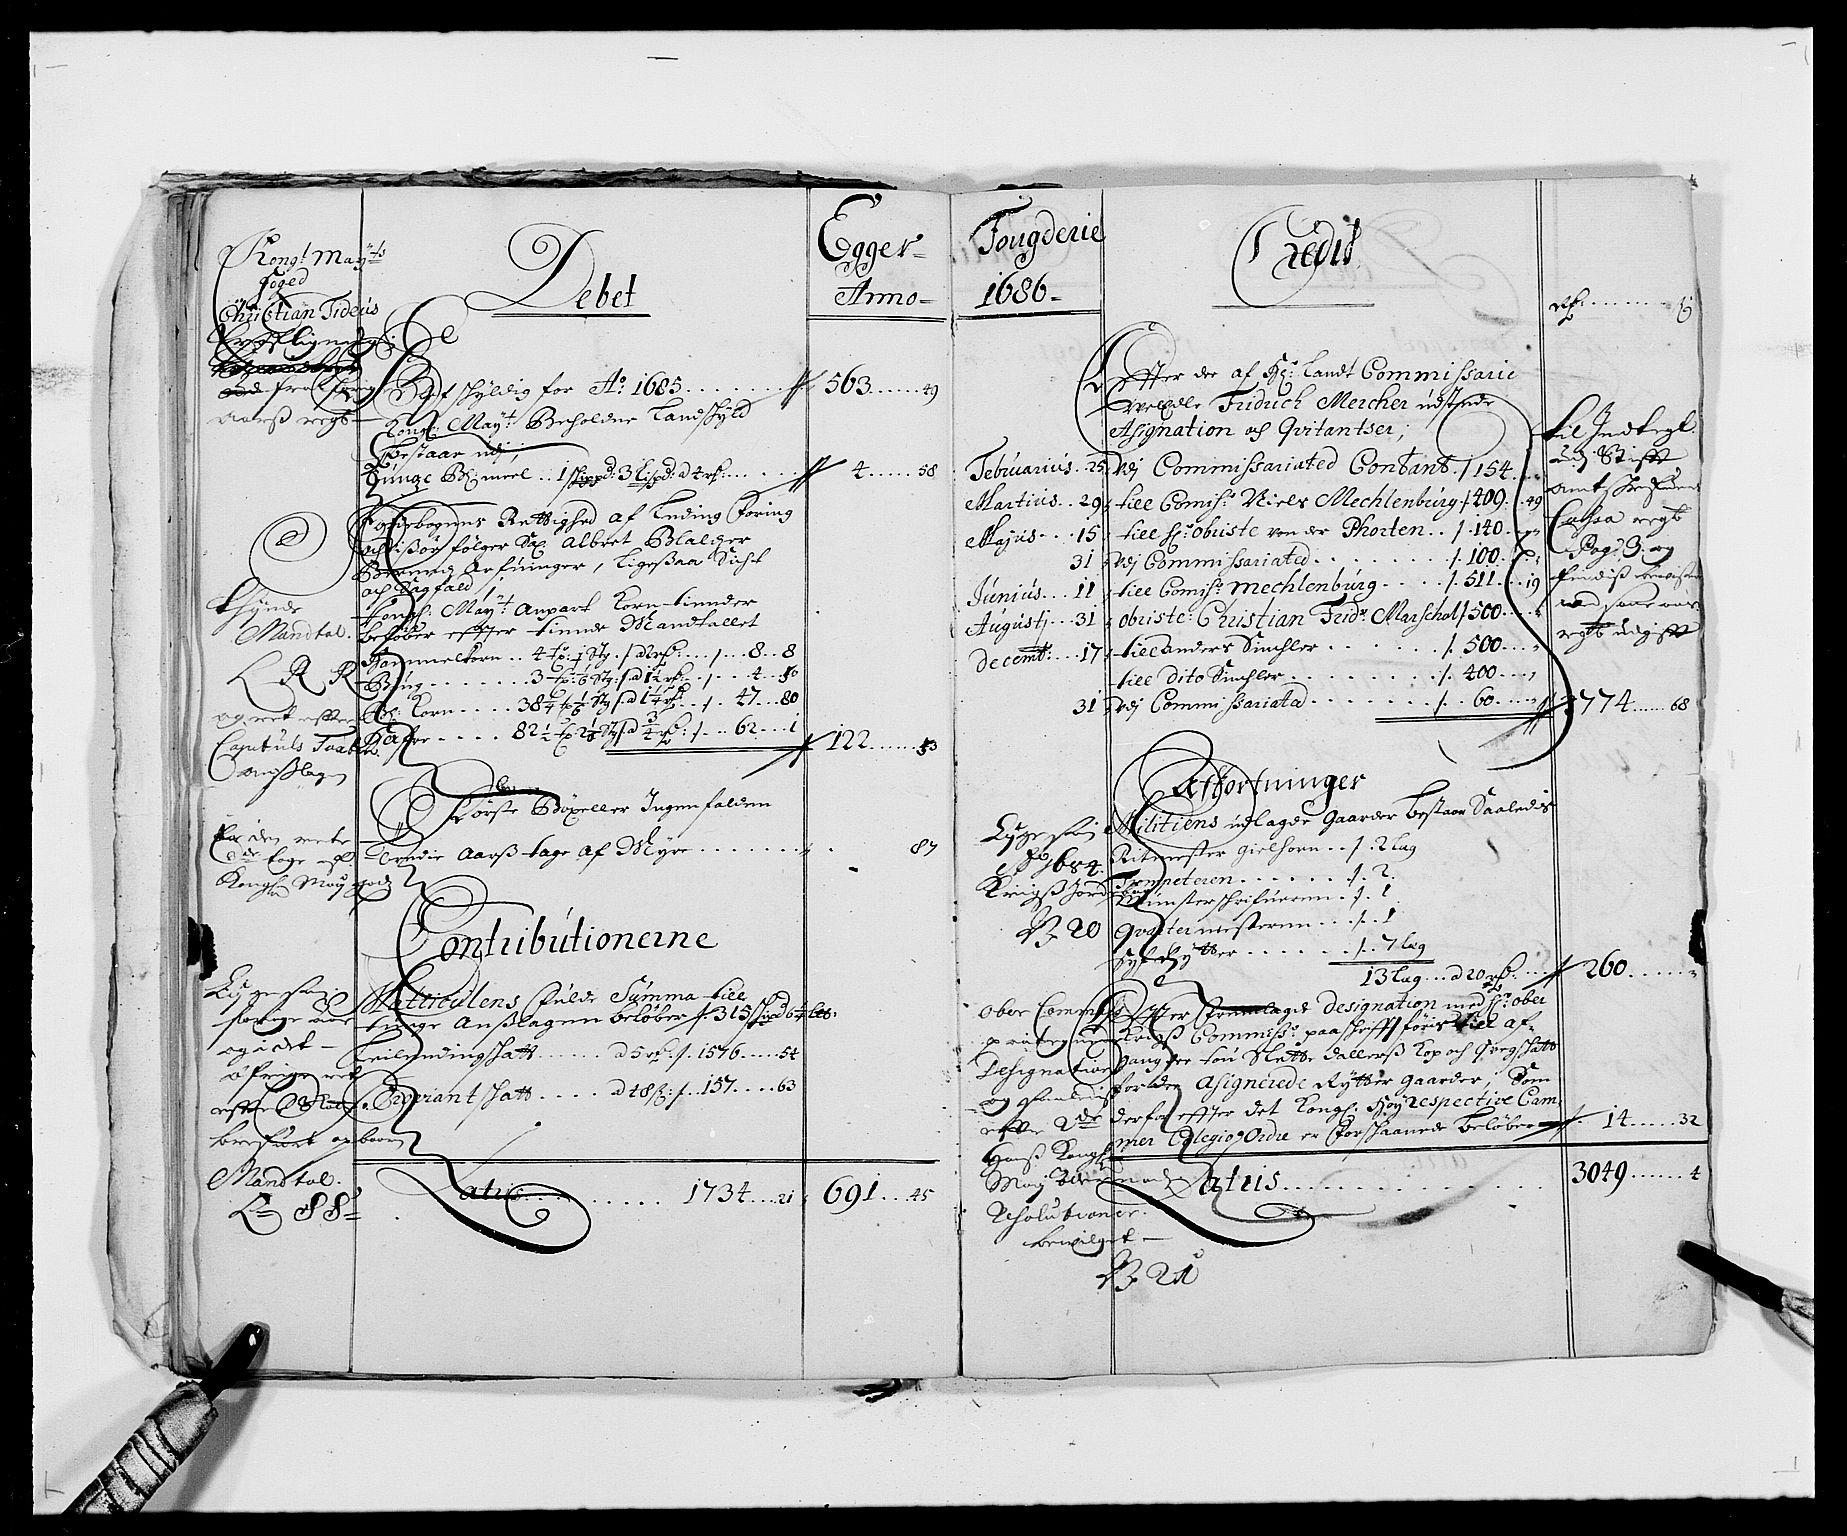 RA, Rentekammeret inntil 1814, Reviderte regnskaper, Fogderegnskap, R26/L1684: Fogderegnskap Eiker, 1679-1686, s. 26